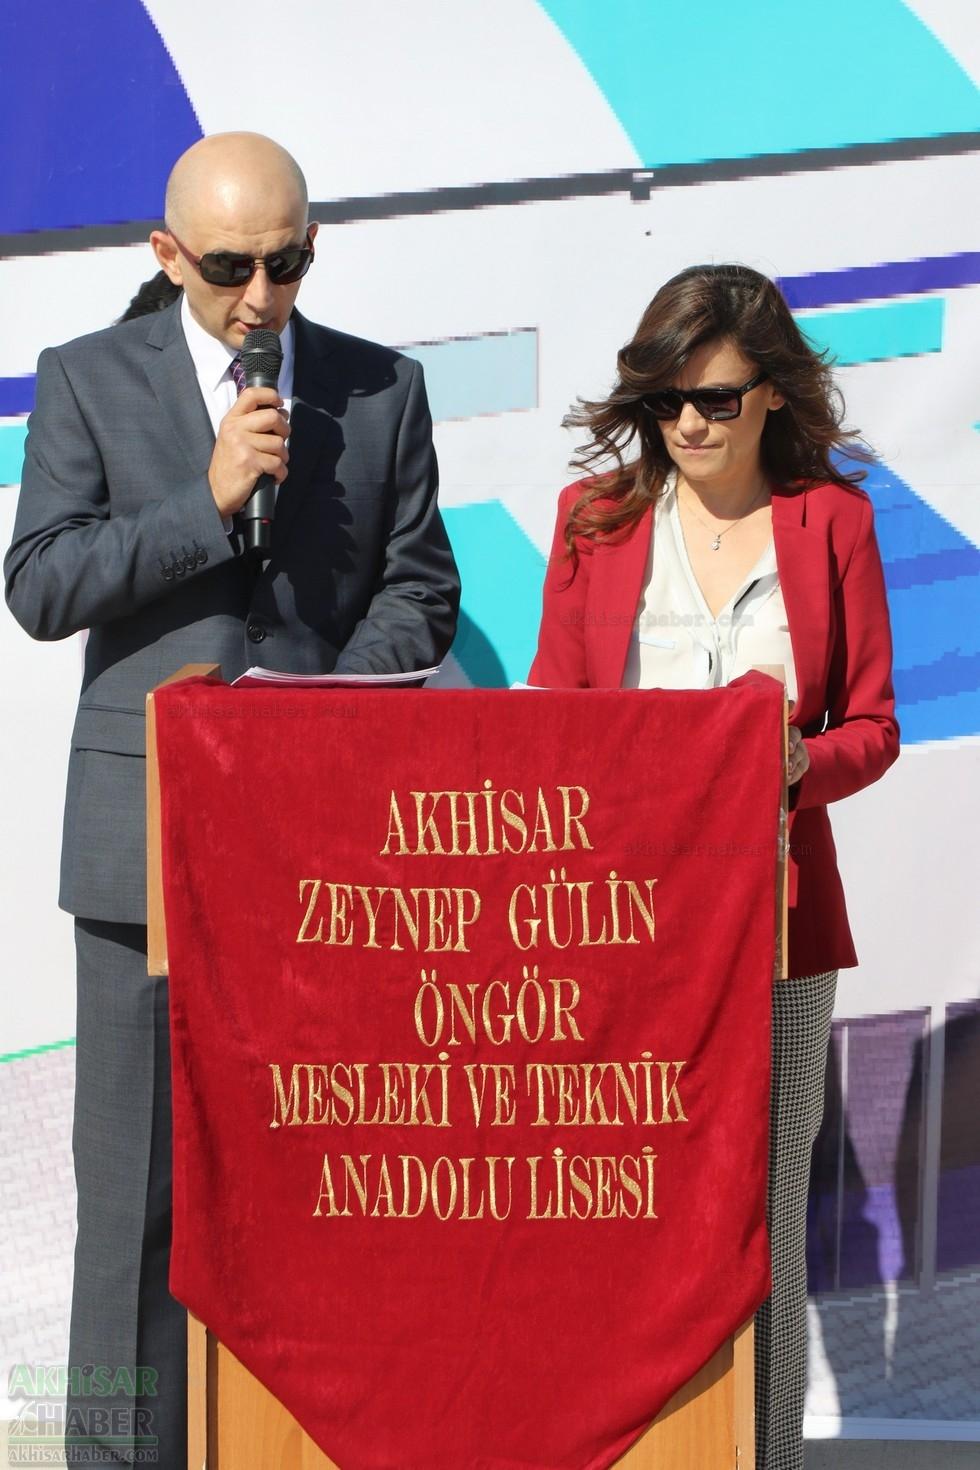 Fotoğraflarla Z.G.Ö. Kız Meslek Anadolu Lisesi Akıllı Spor Salonu Temel galerisi resim 38